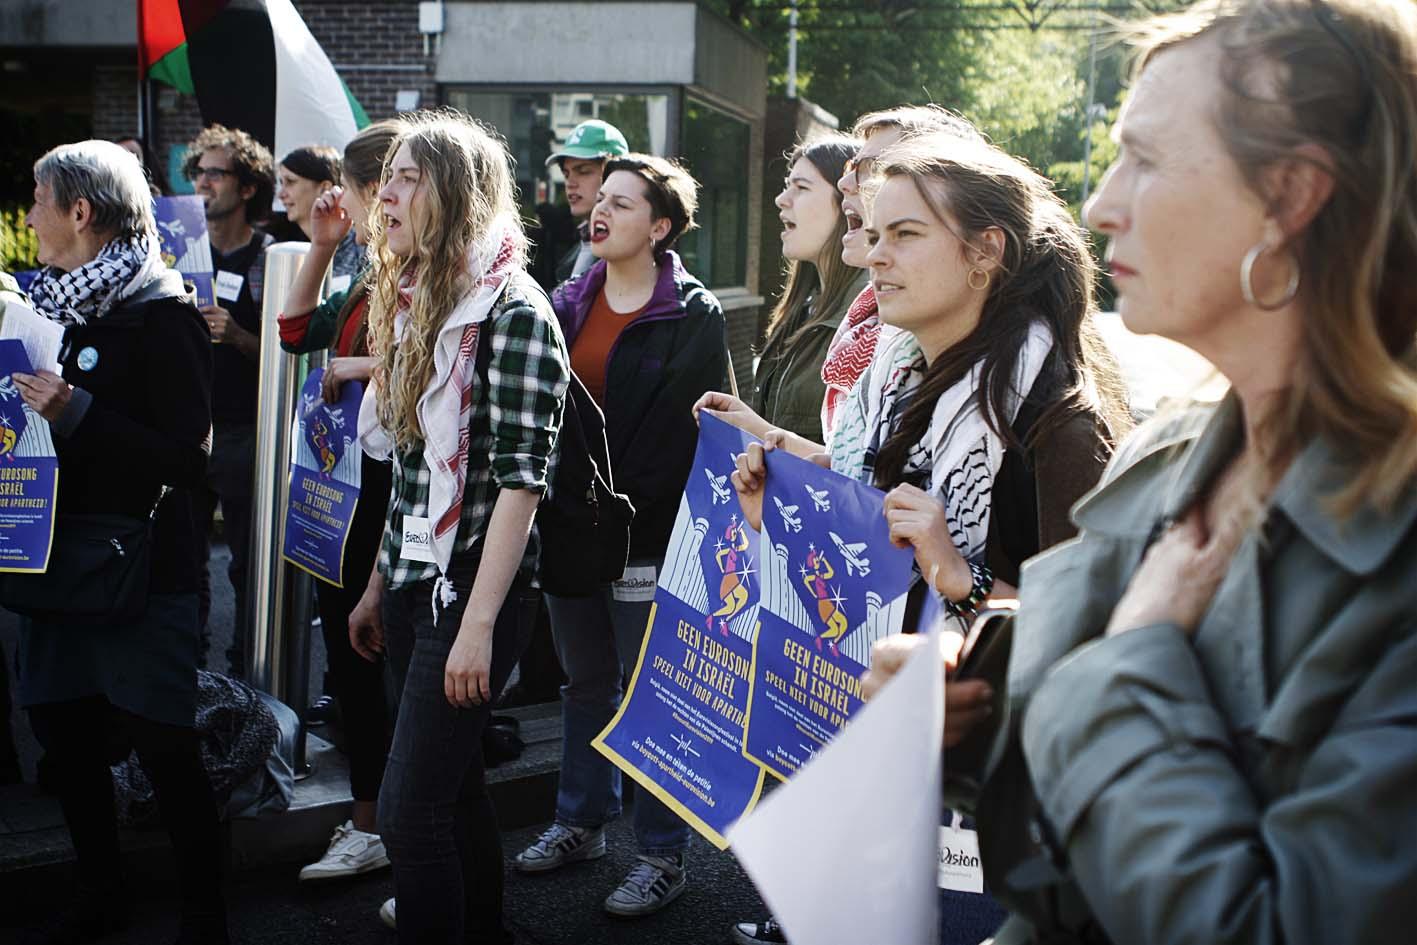 Blokkade aan VRT-gebouw tegen Eurovisiesongfestival in Israël